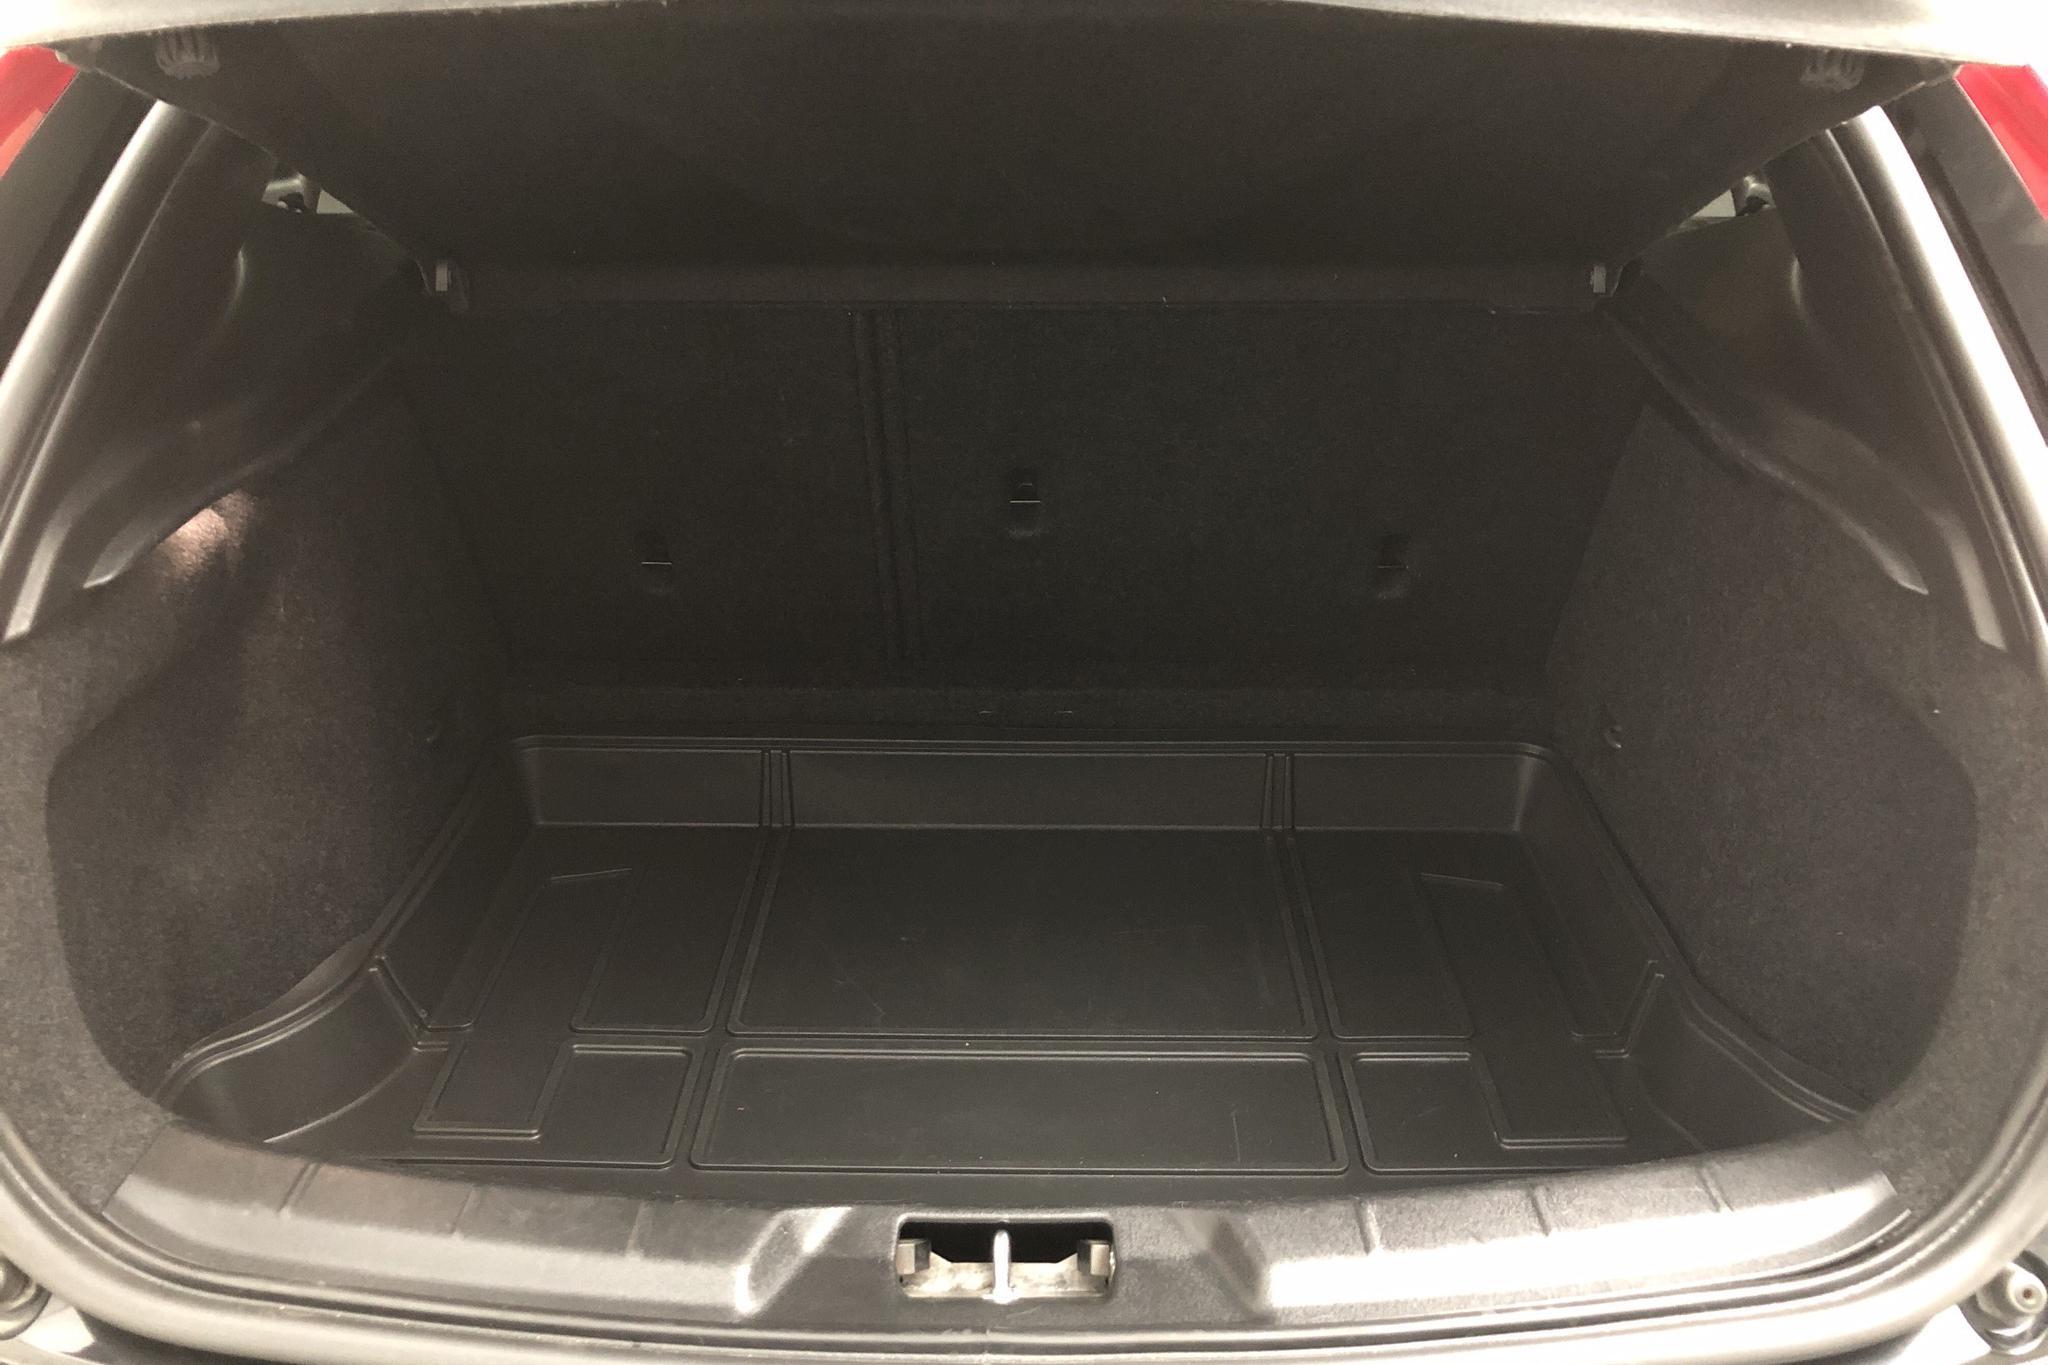 Volvo V40 D3 (150hk) - 174 600 km - Manual - black - 2015